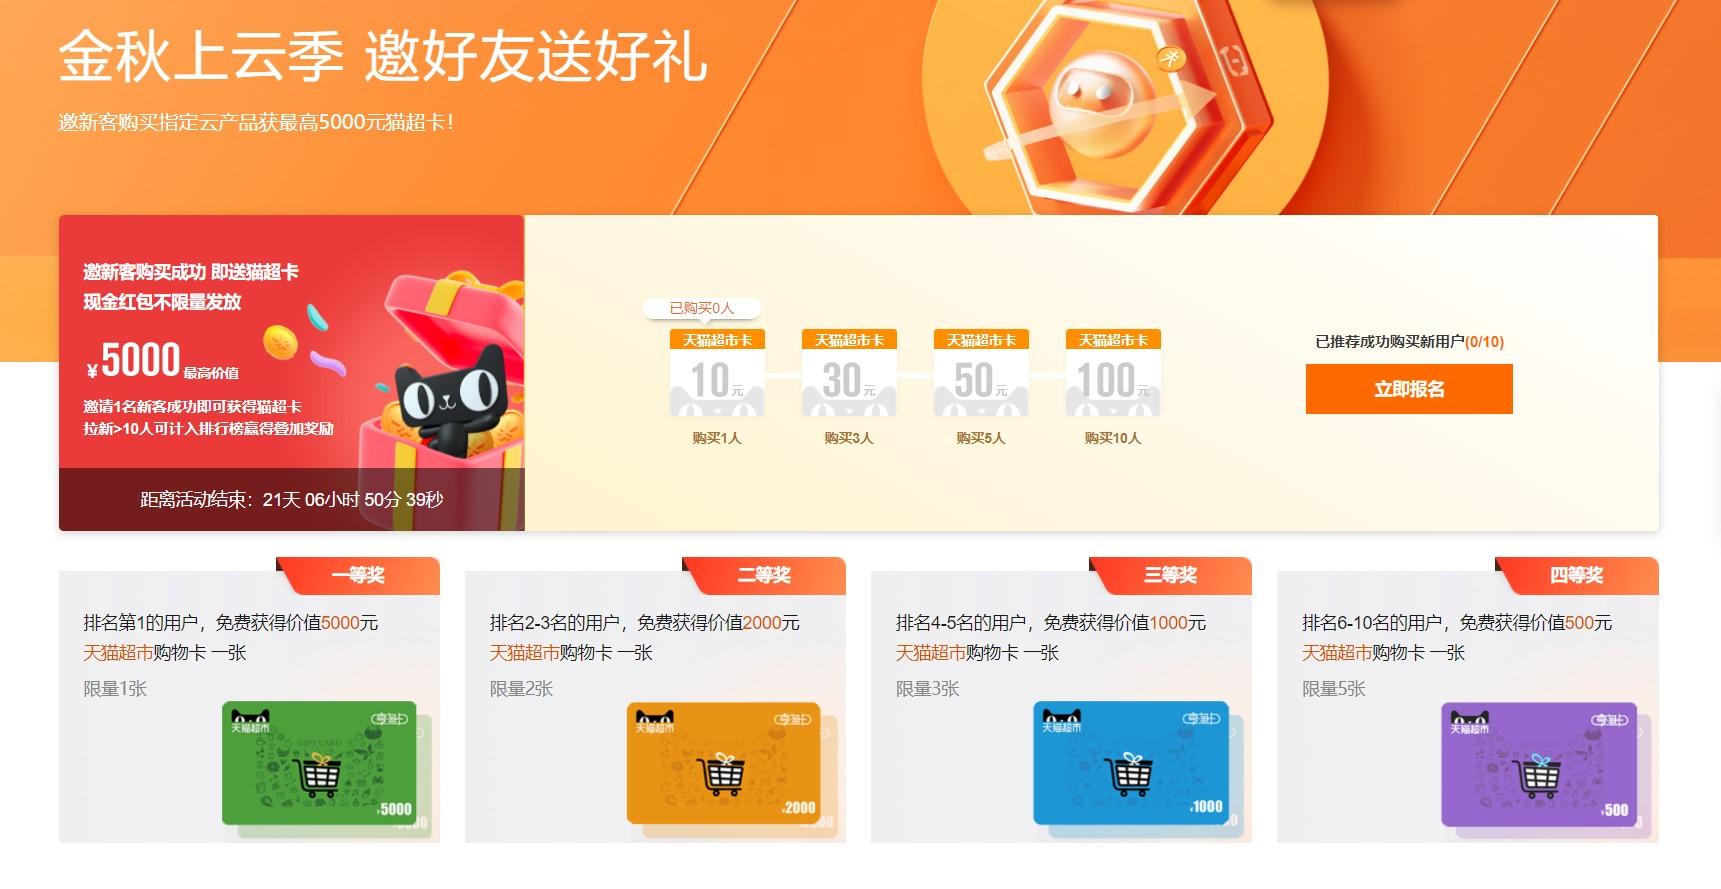 邀请好友送猫超卡.jpg